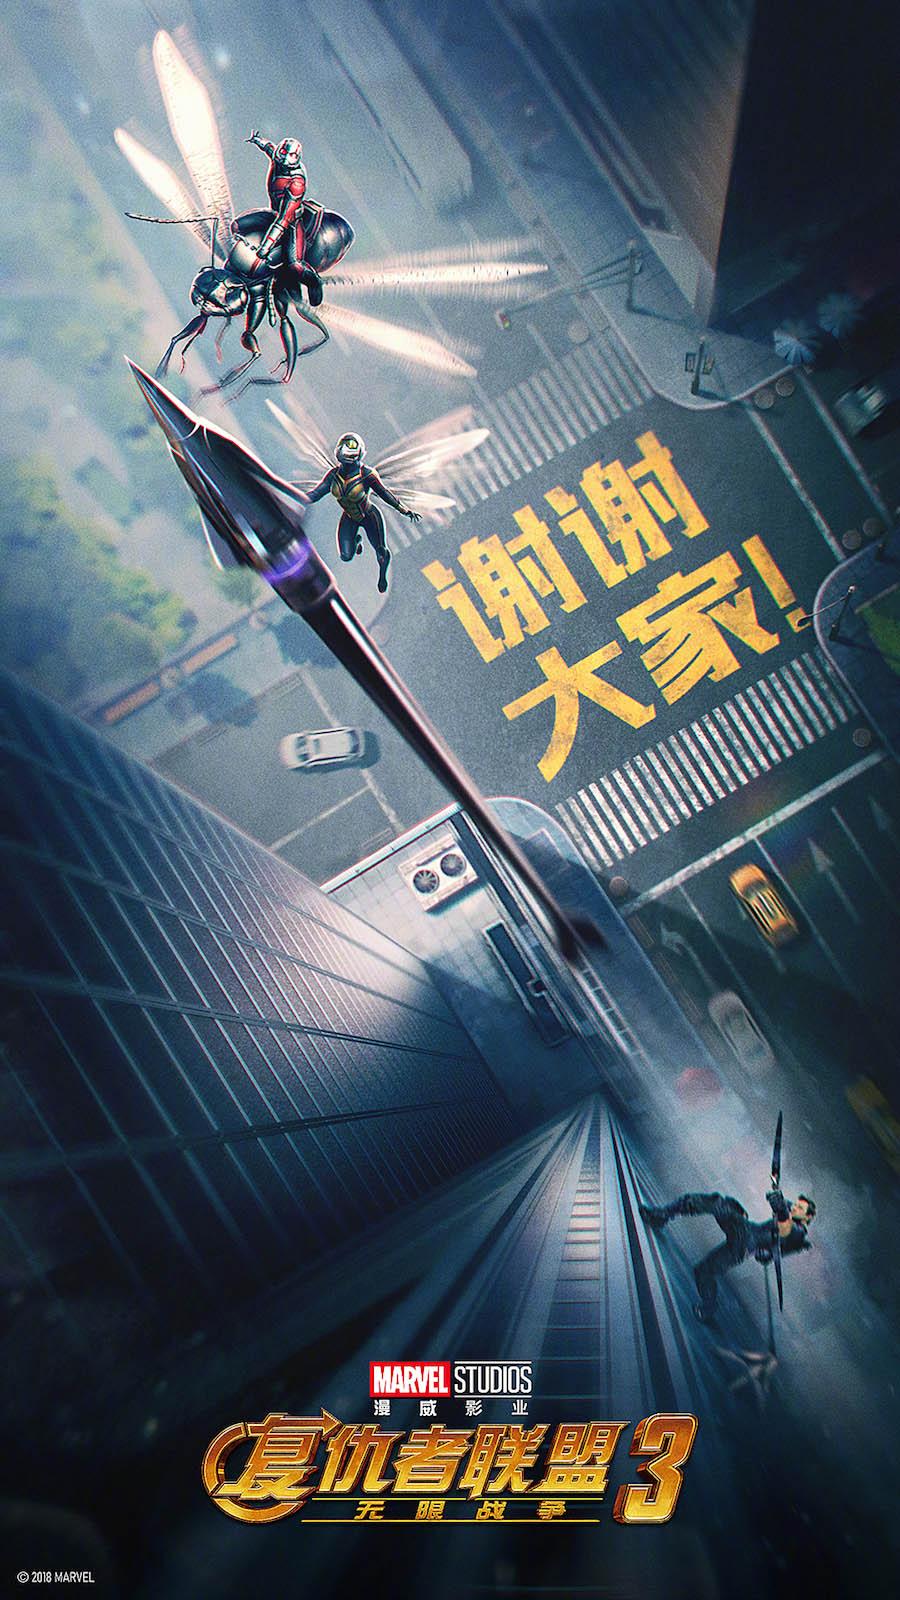 今日消费资讯:《复仇者联盟 3:无限战争》内地正式下映、adidas Originals 发布 EQT SUPPORT SK PK 系列